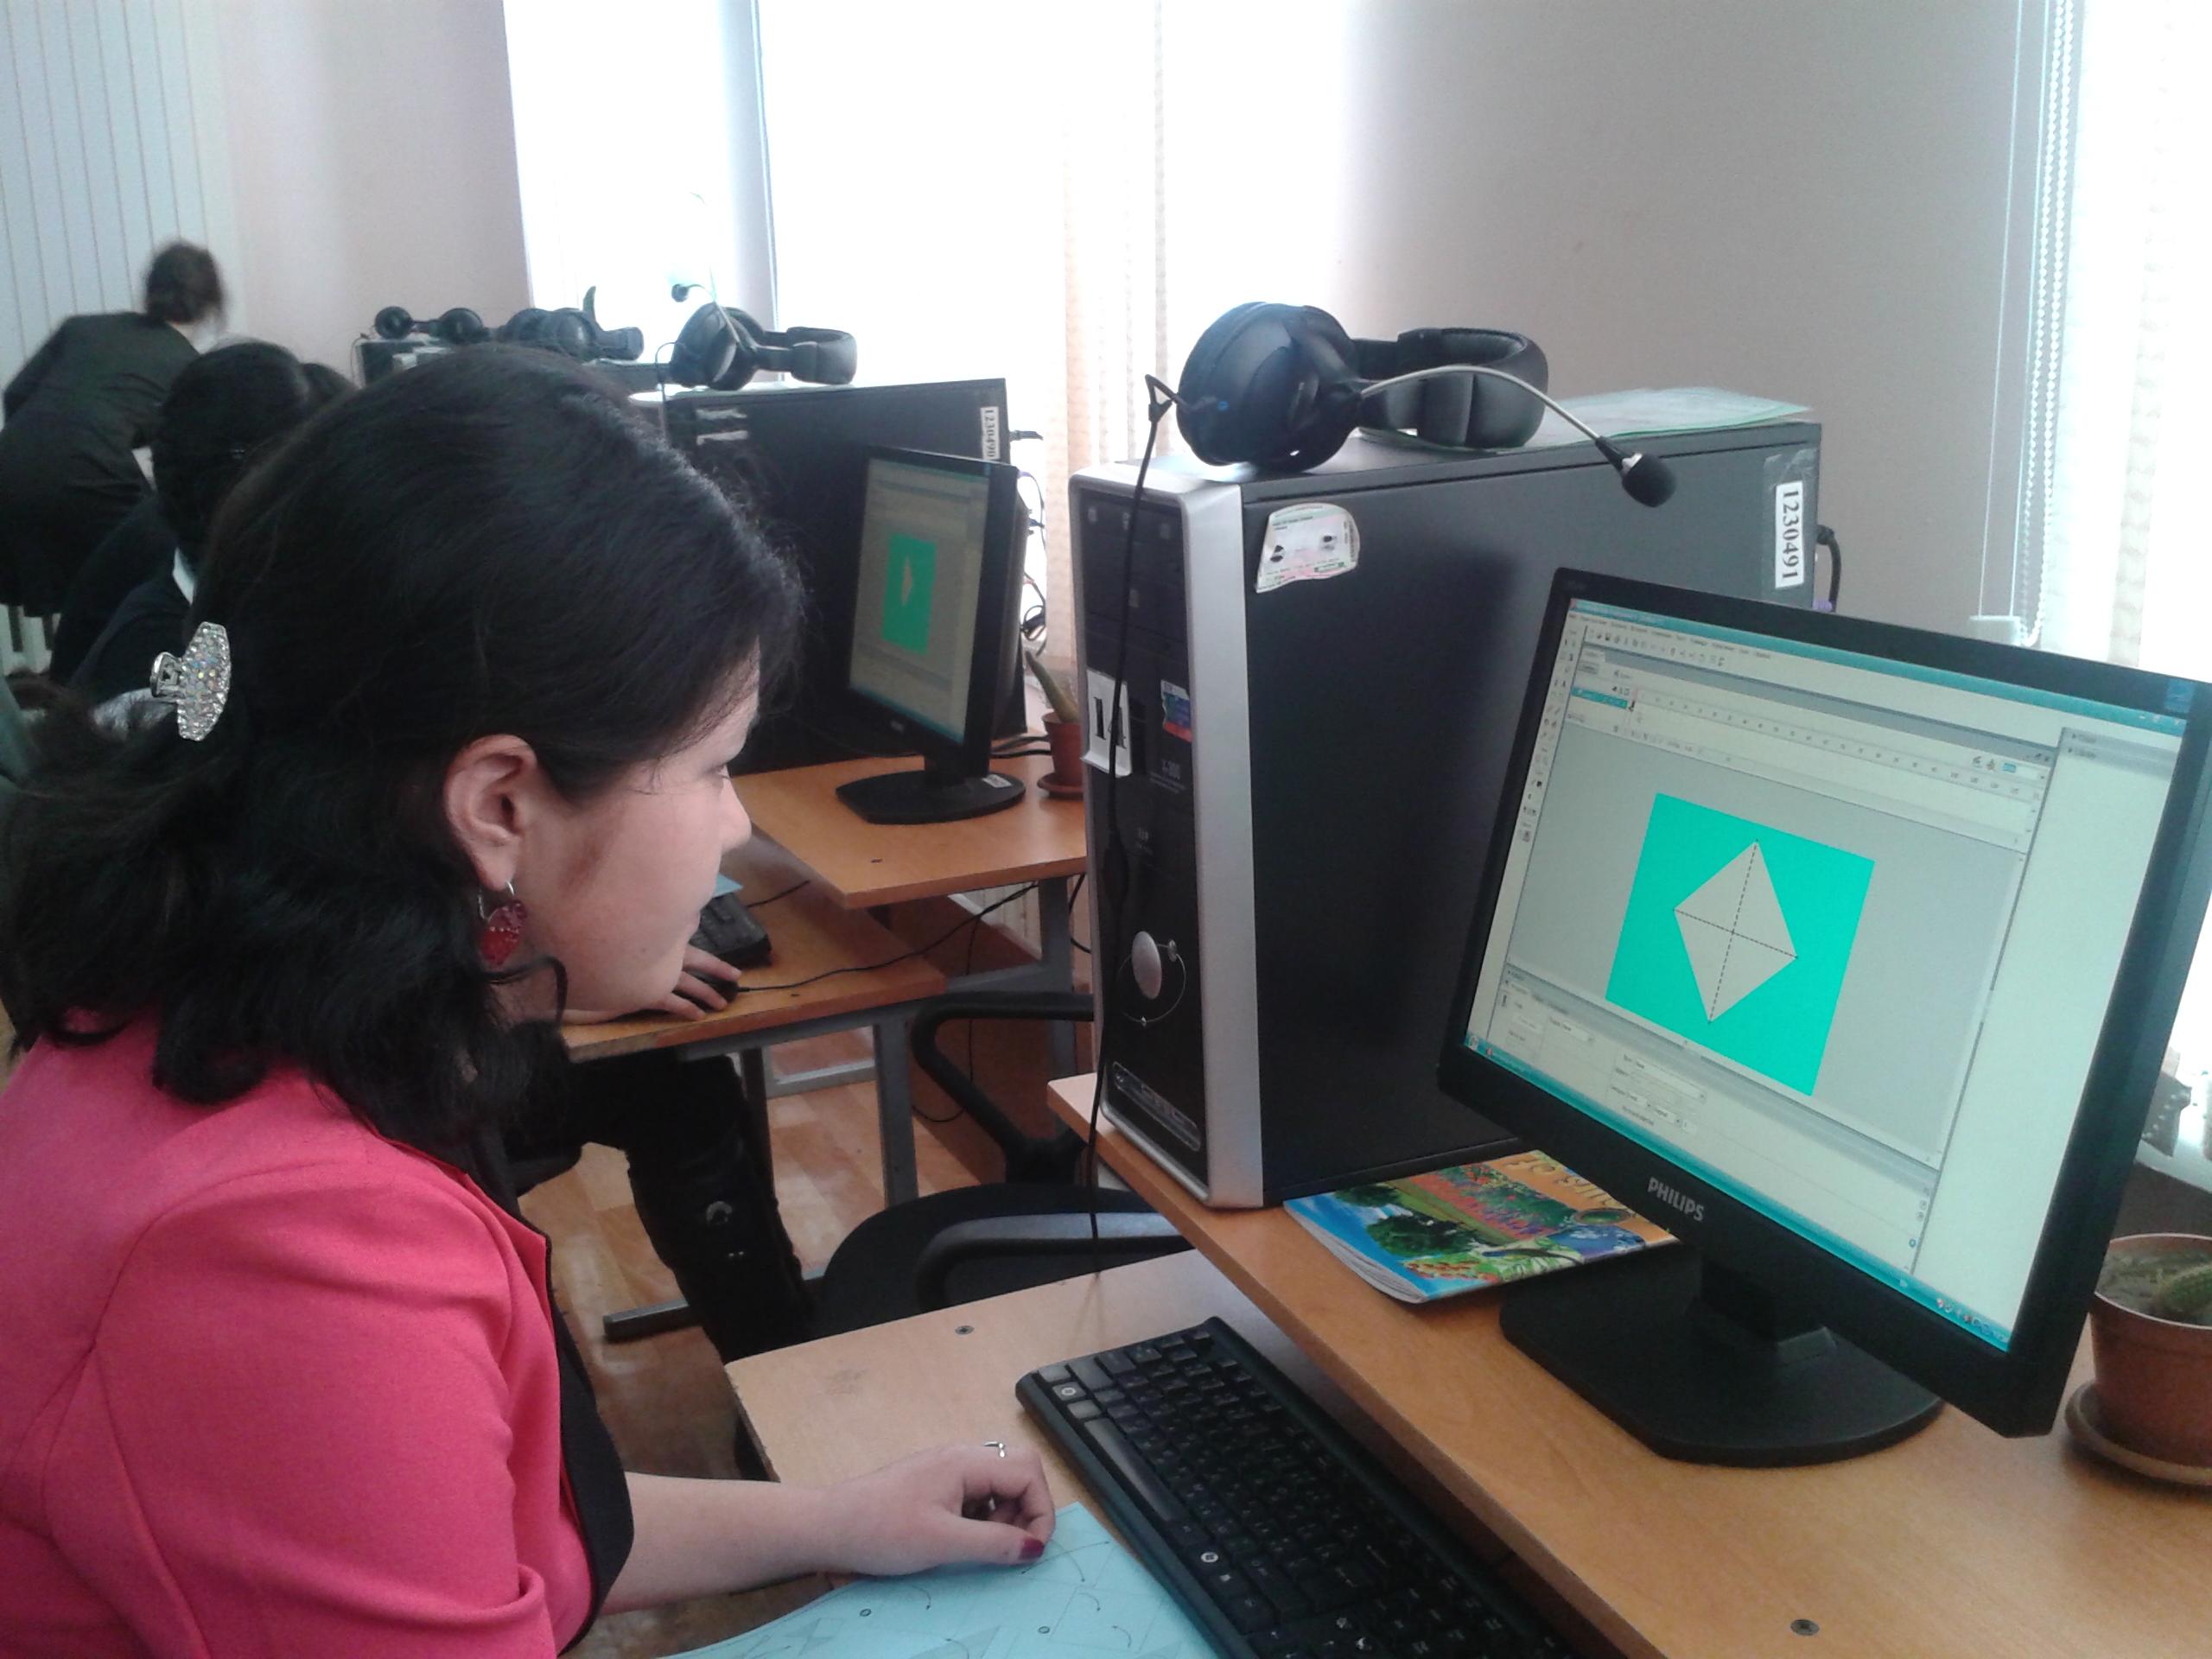 D:\19\55400\урок оригами анимация\Фото урок\20130222_113448.jpg